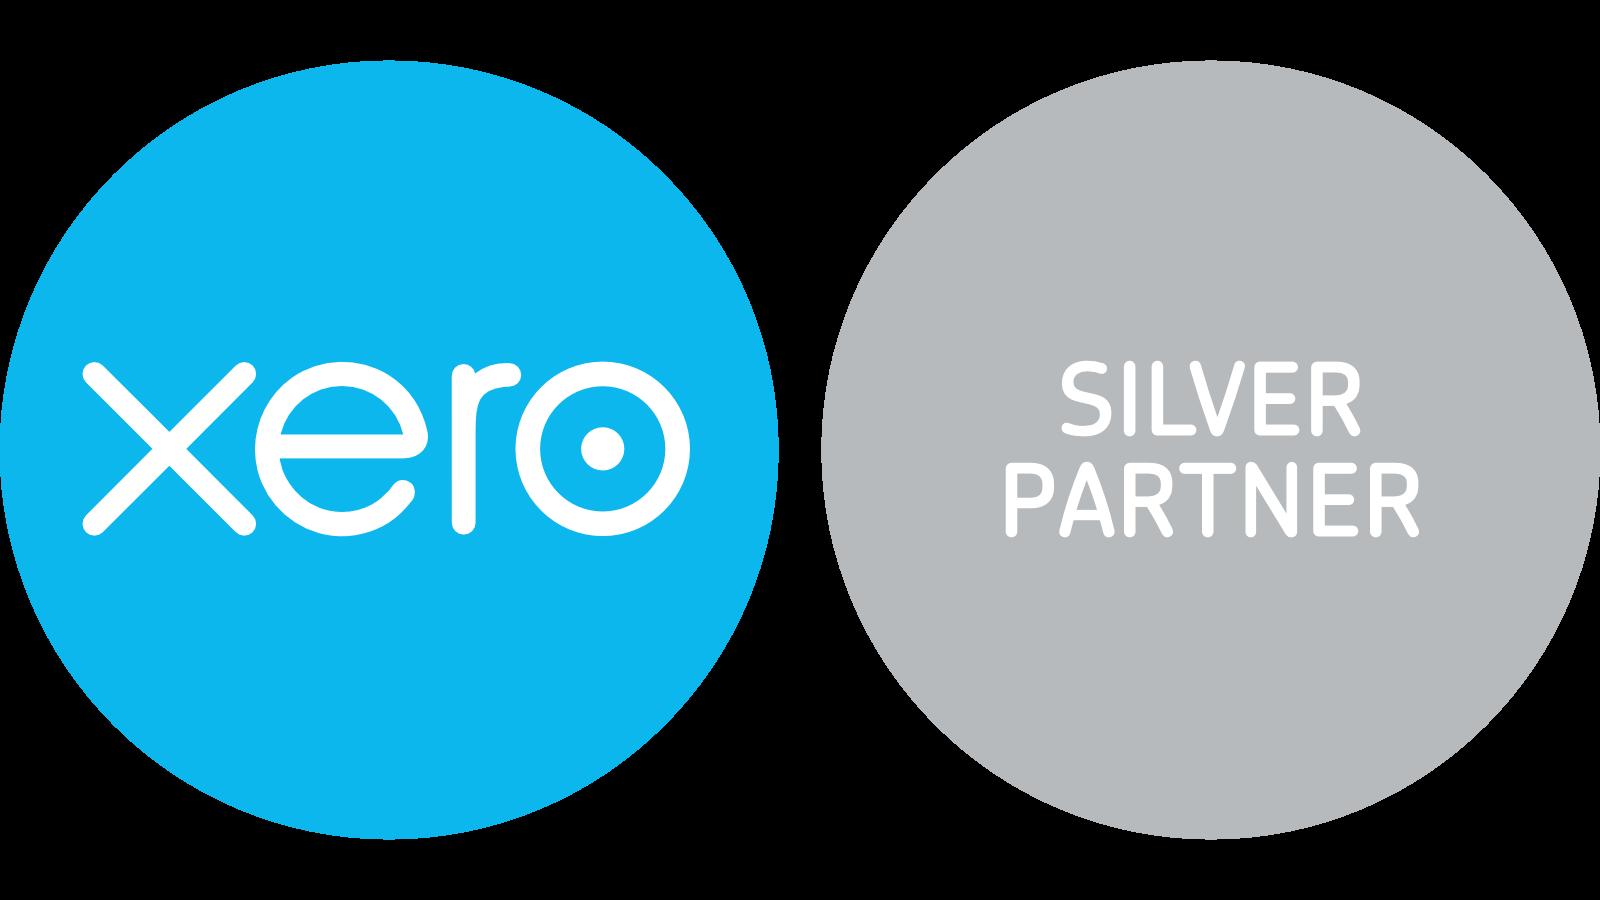 Xero Silver